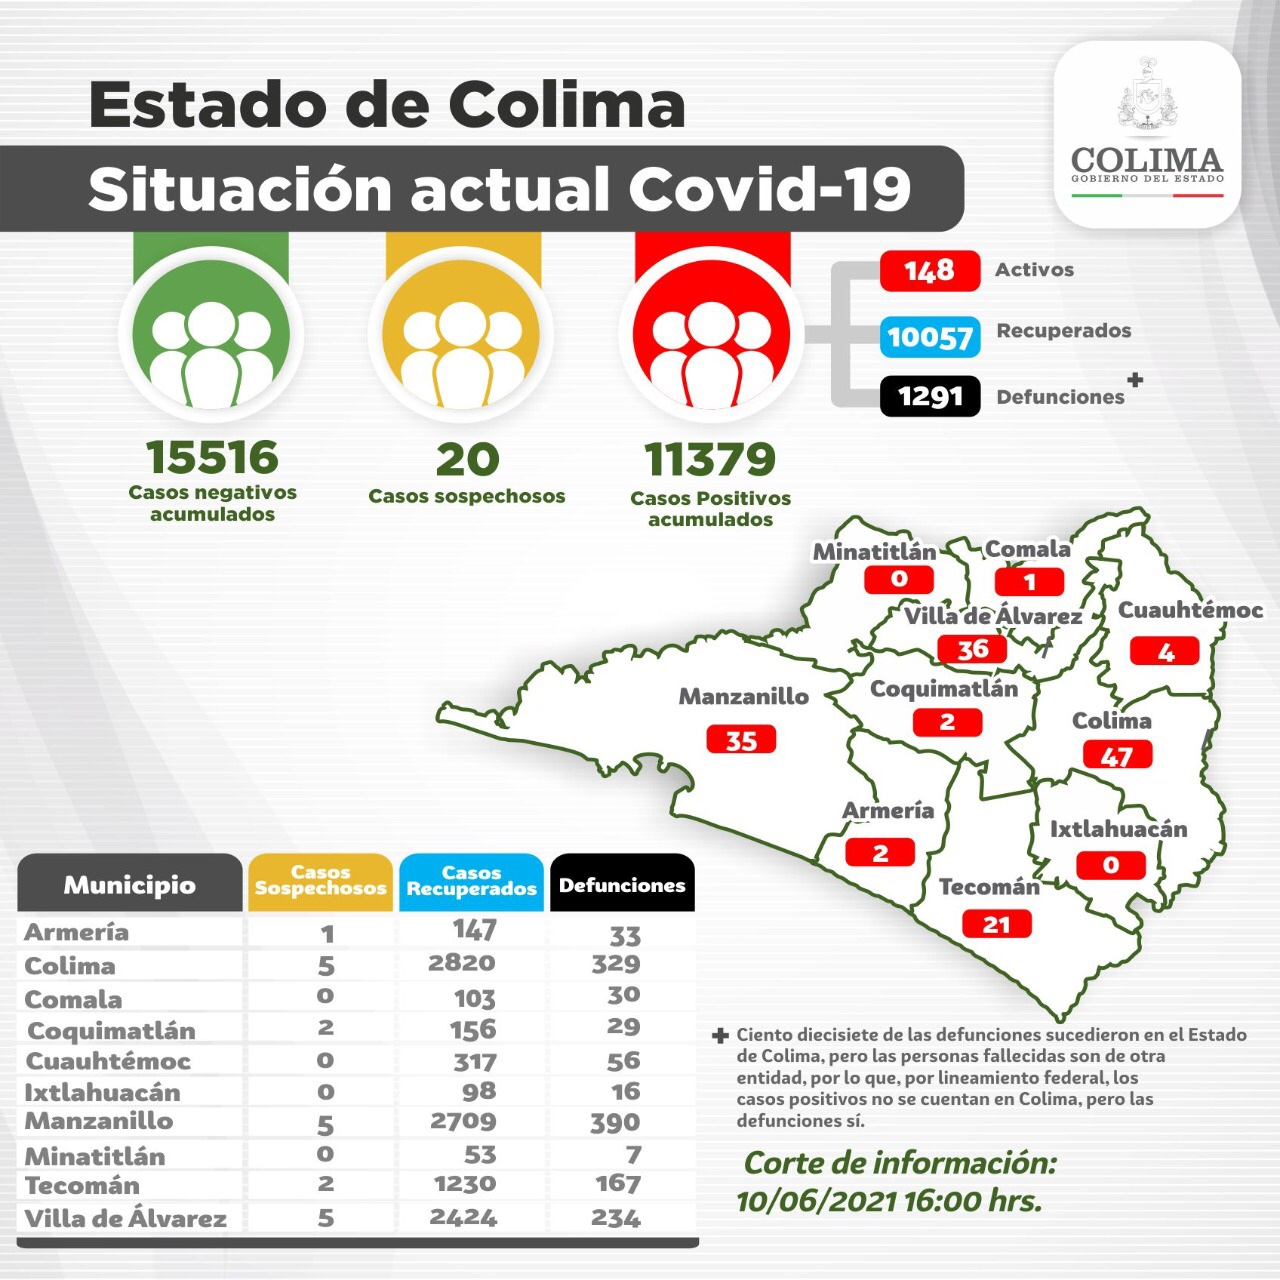 Colima: Nueve casos y una defunción por Covid-19 en la última jornada